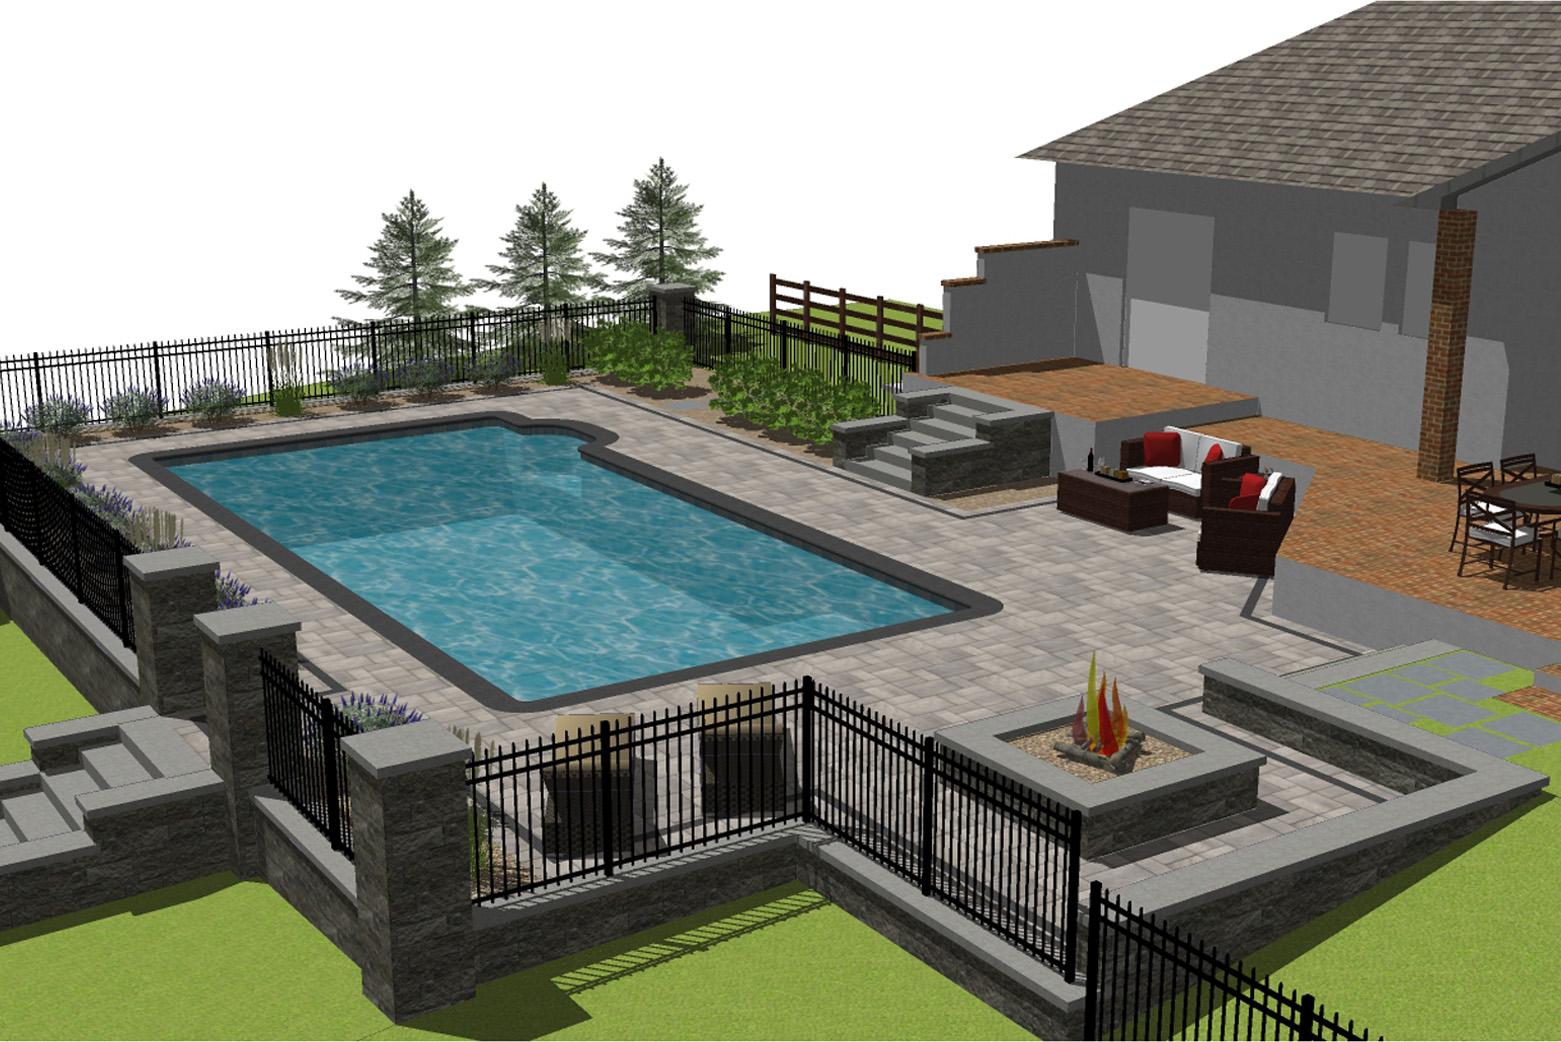 3d rendering of hardscape